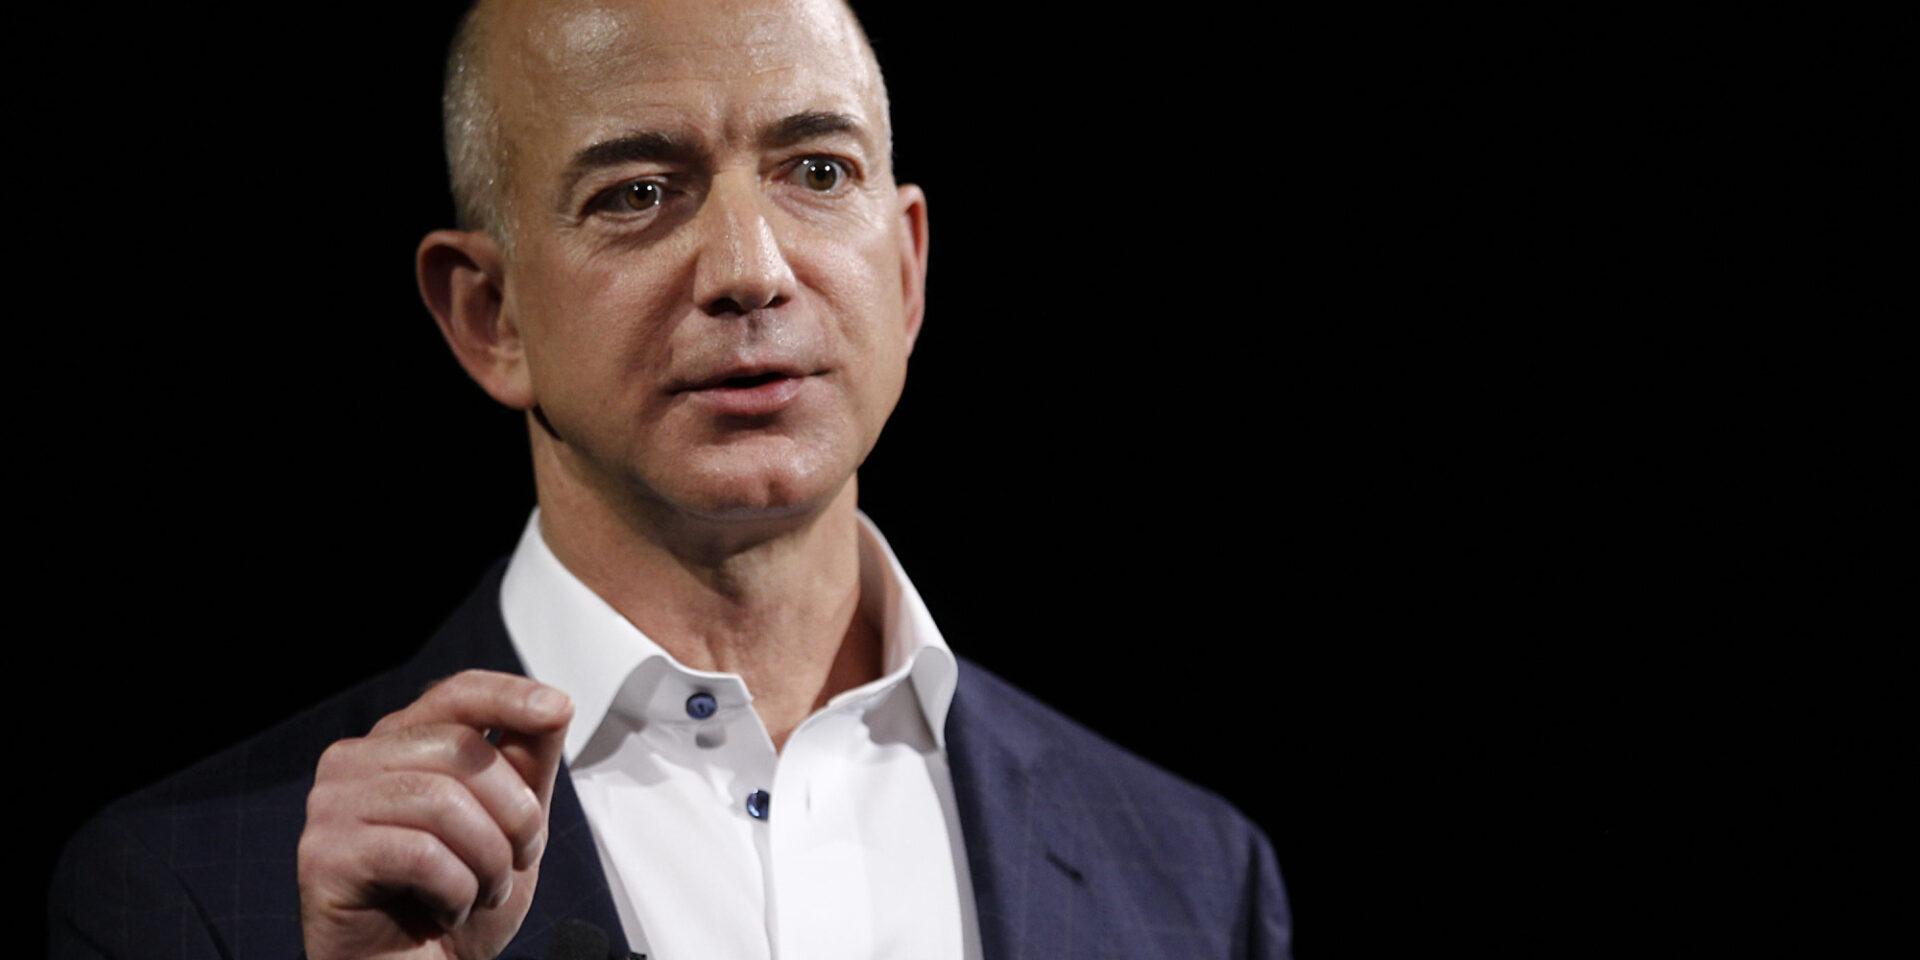 O que Bezos revela ao expor chantagem de tabloide